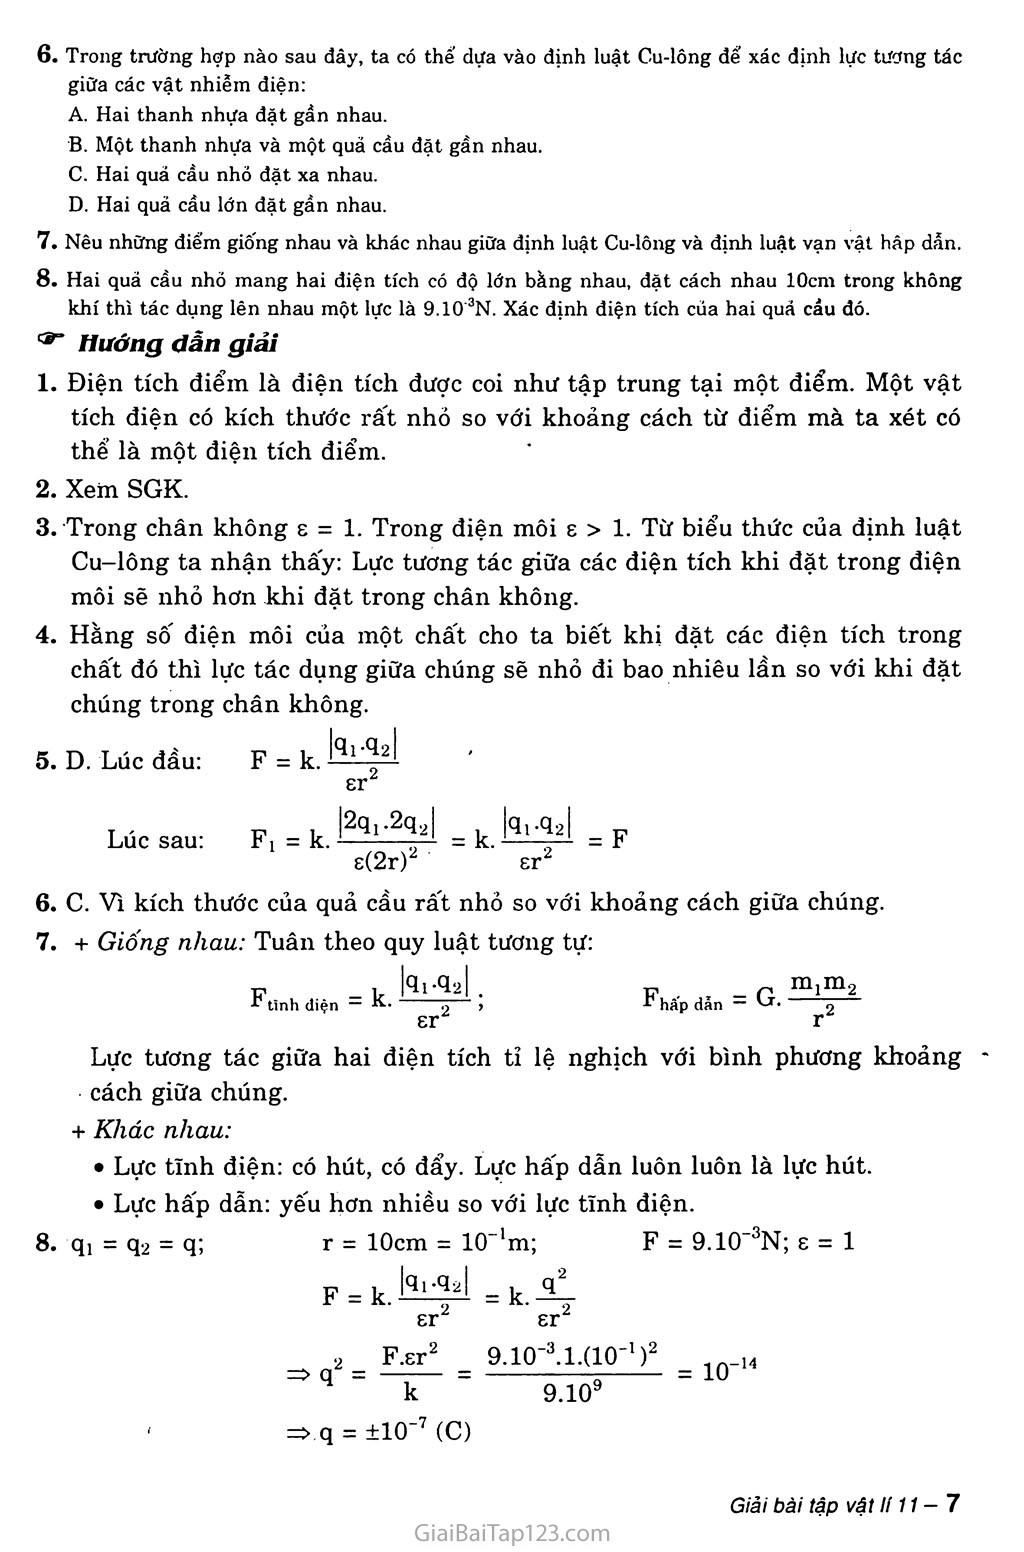 Bài 1: Điện tích. Định luật Cu-lông trang 3